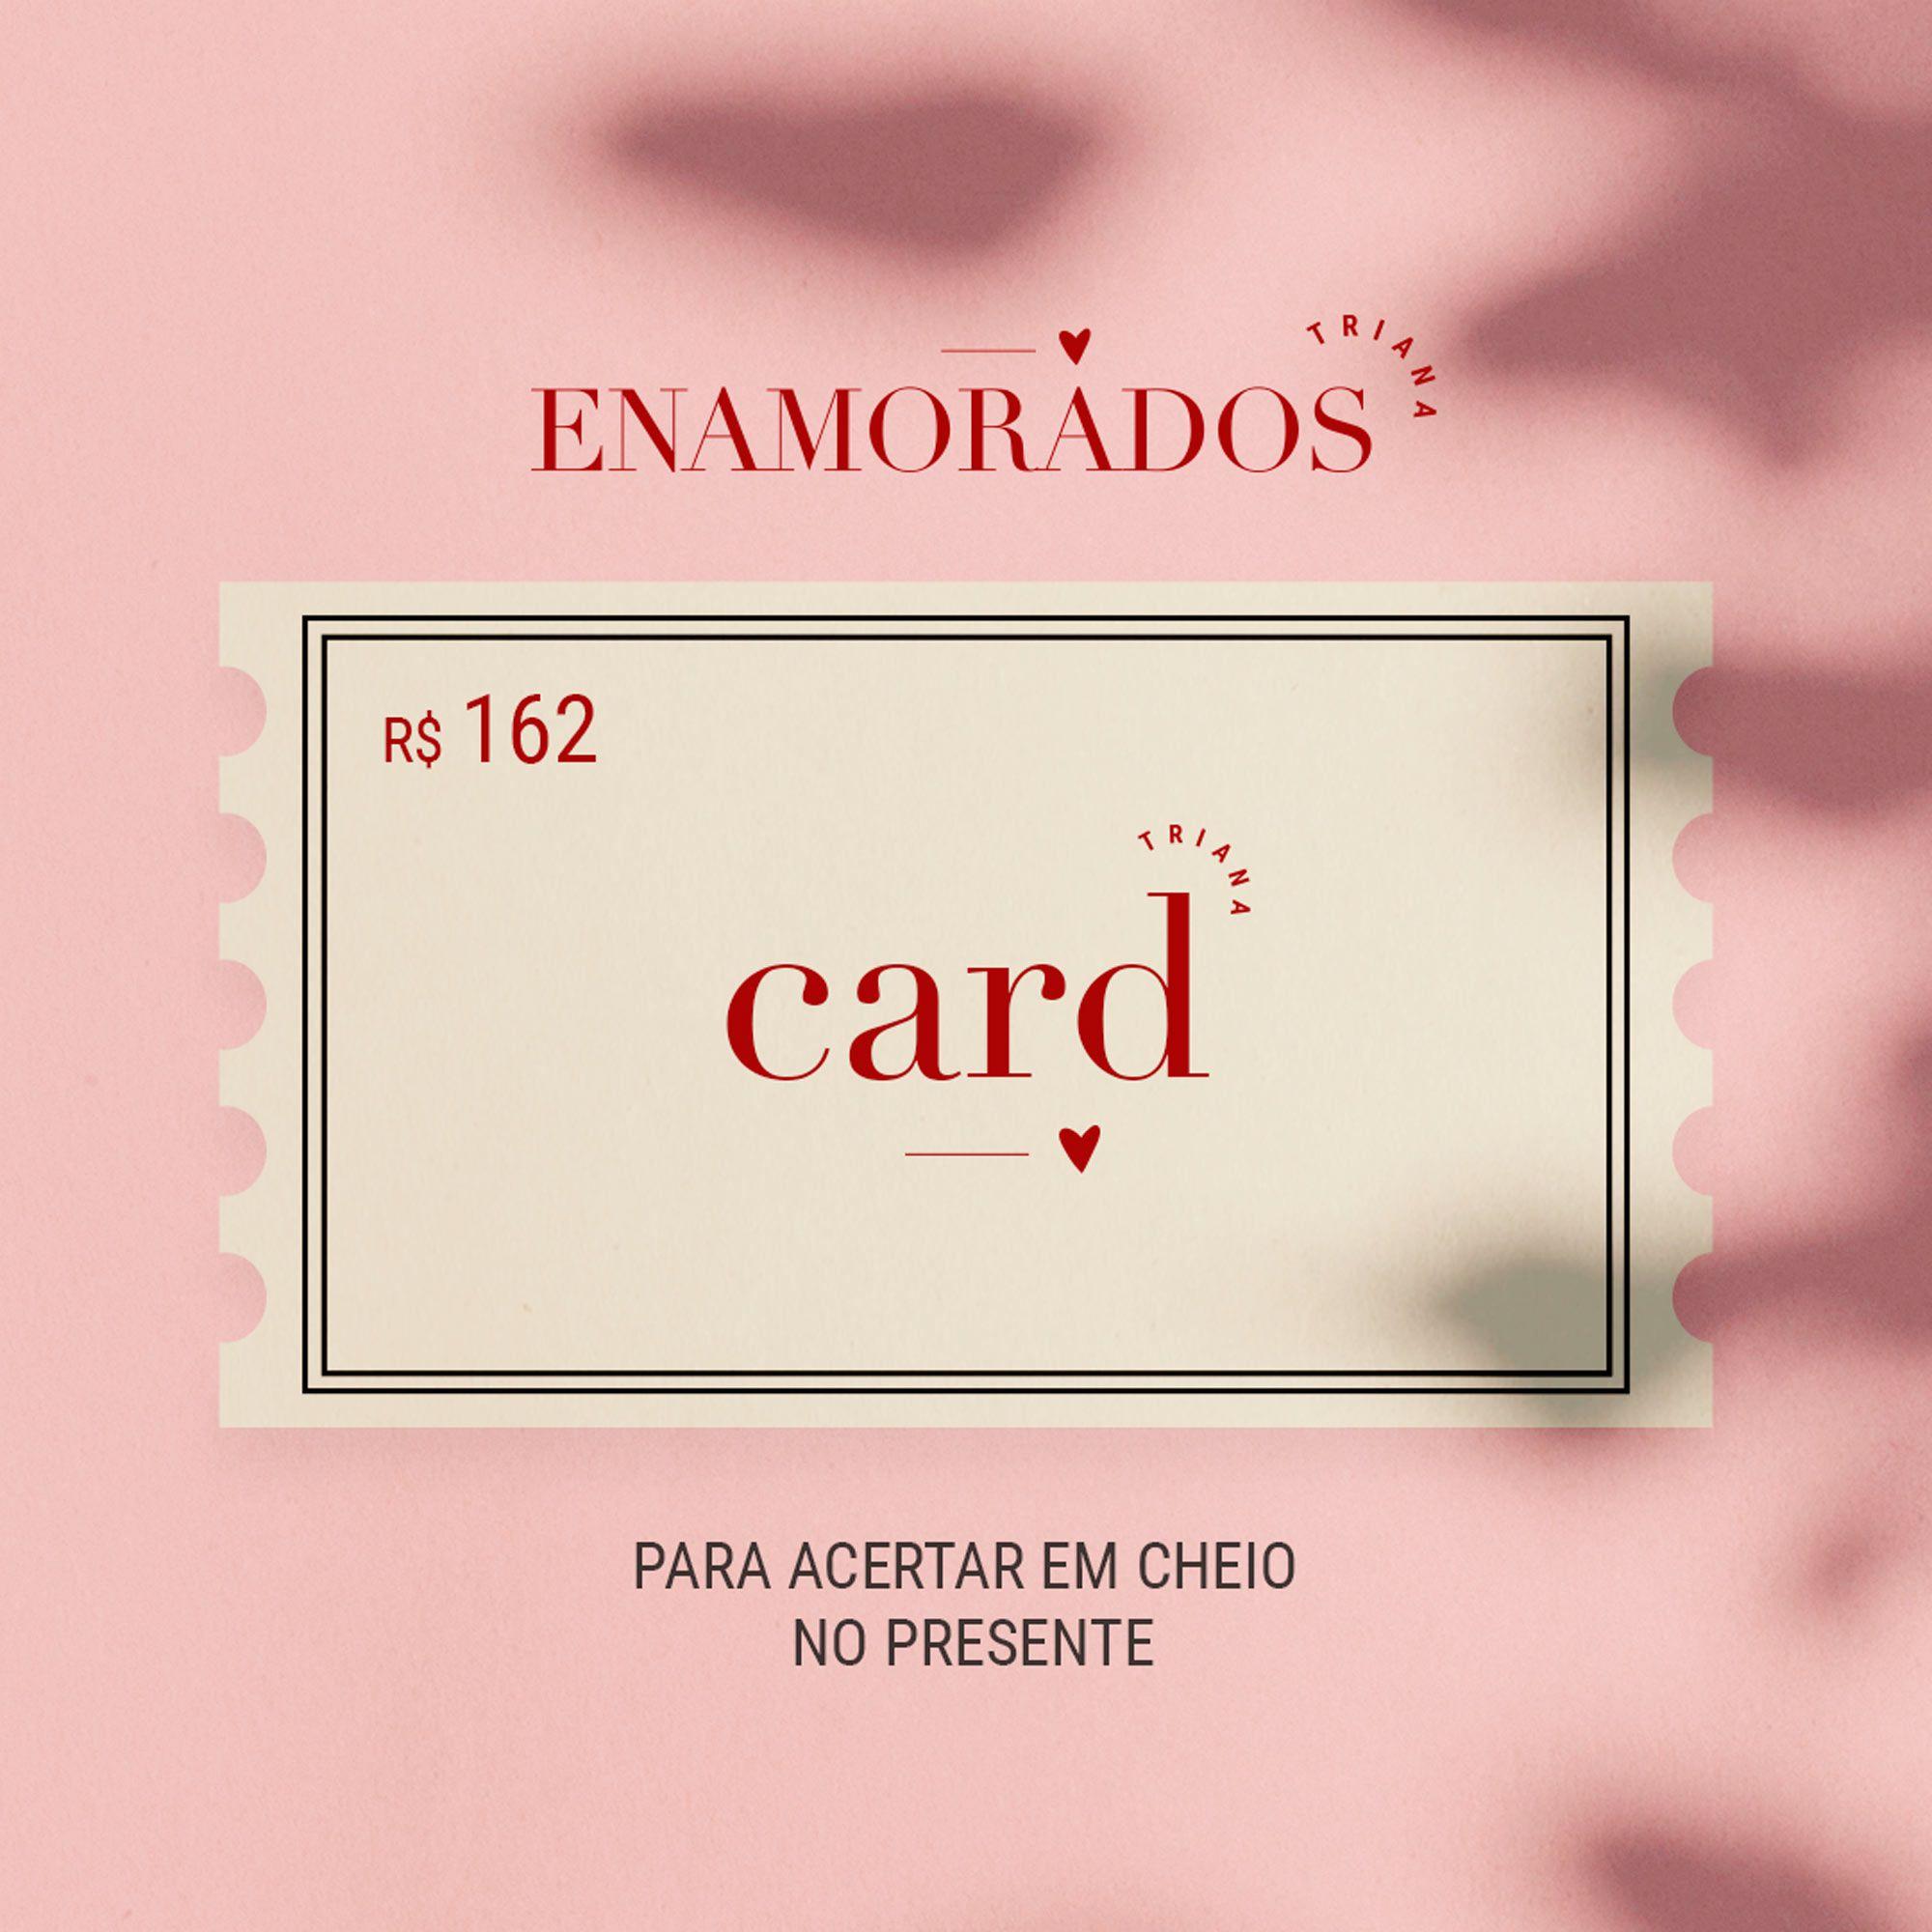 Enamorados Triana Card: R$162,00 para acertar em cheio no presente S2